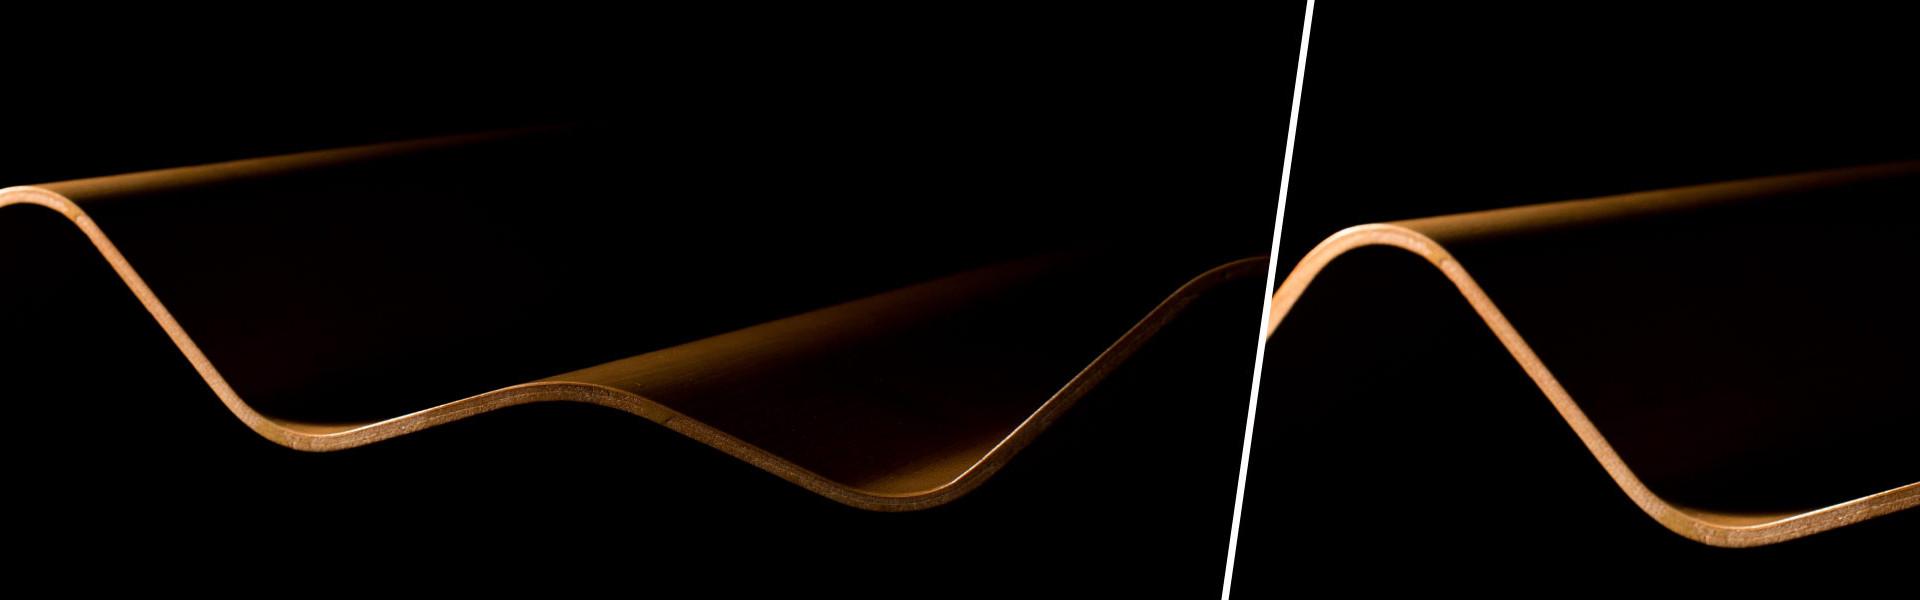 artnovion-product-douro-w-diffuser-49cdc